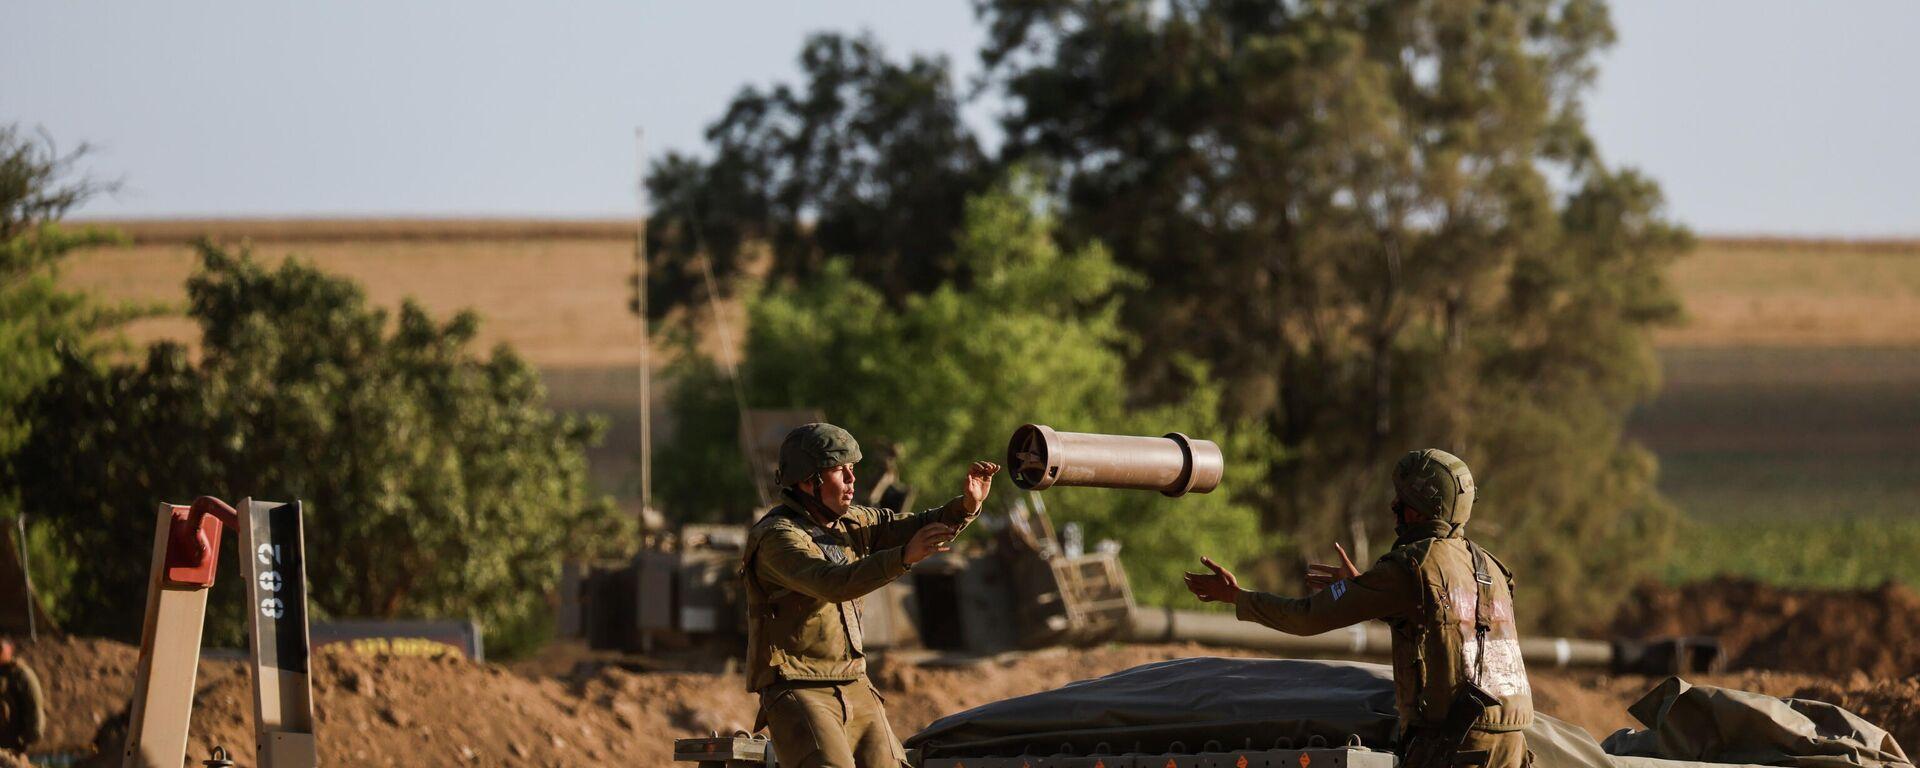 Militares israelíes - Sputnik Mundo, 1920, 17.05.2021